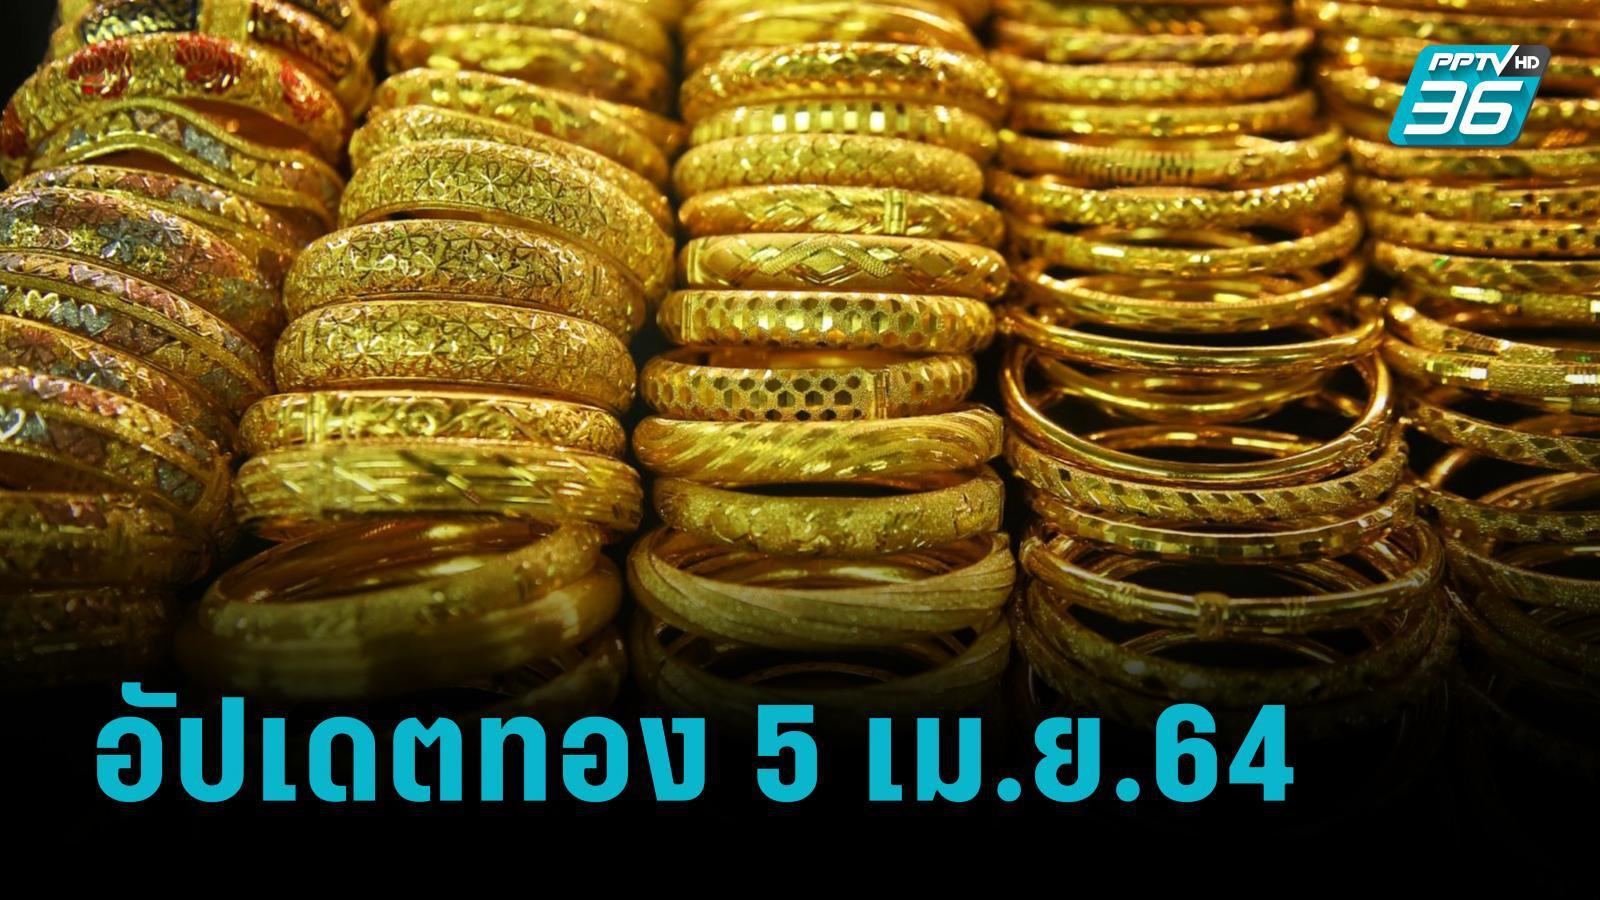 ราคาทองวันนี้ – 5 เม.ย. 64 เปิดตลาด ปรับขึ้น 50 บาท